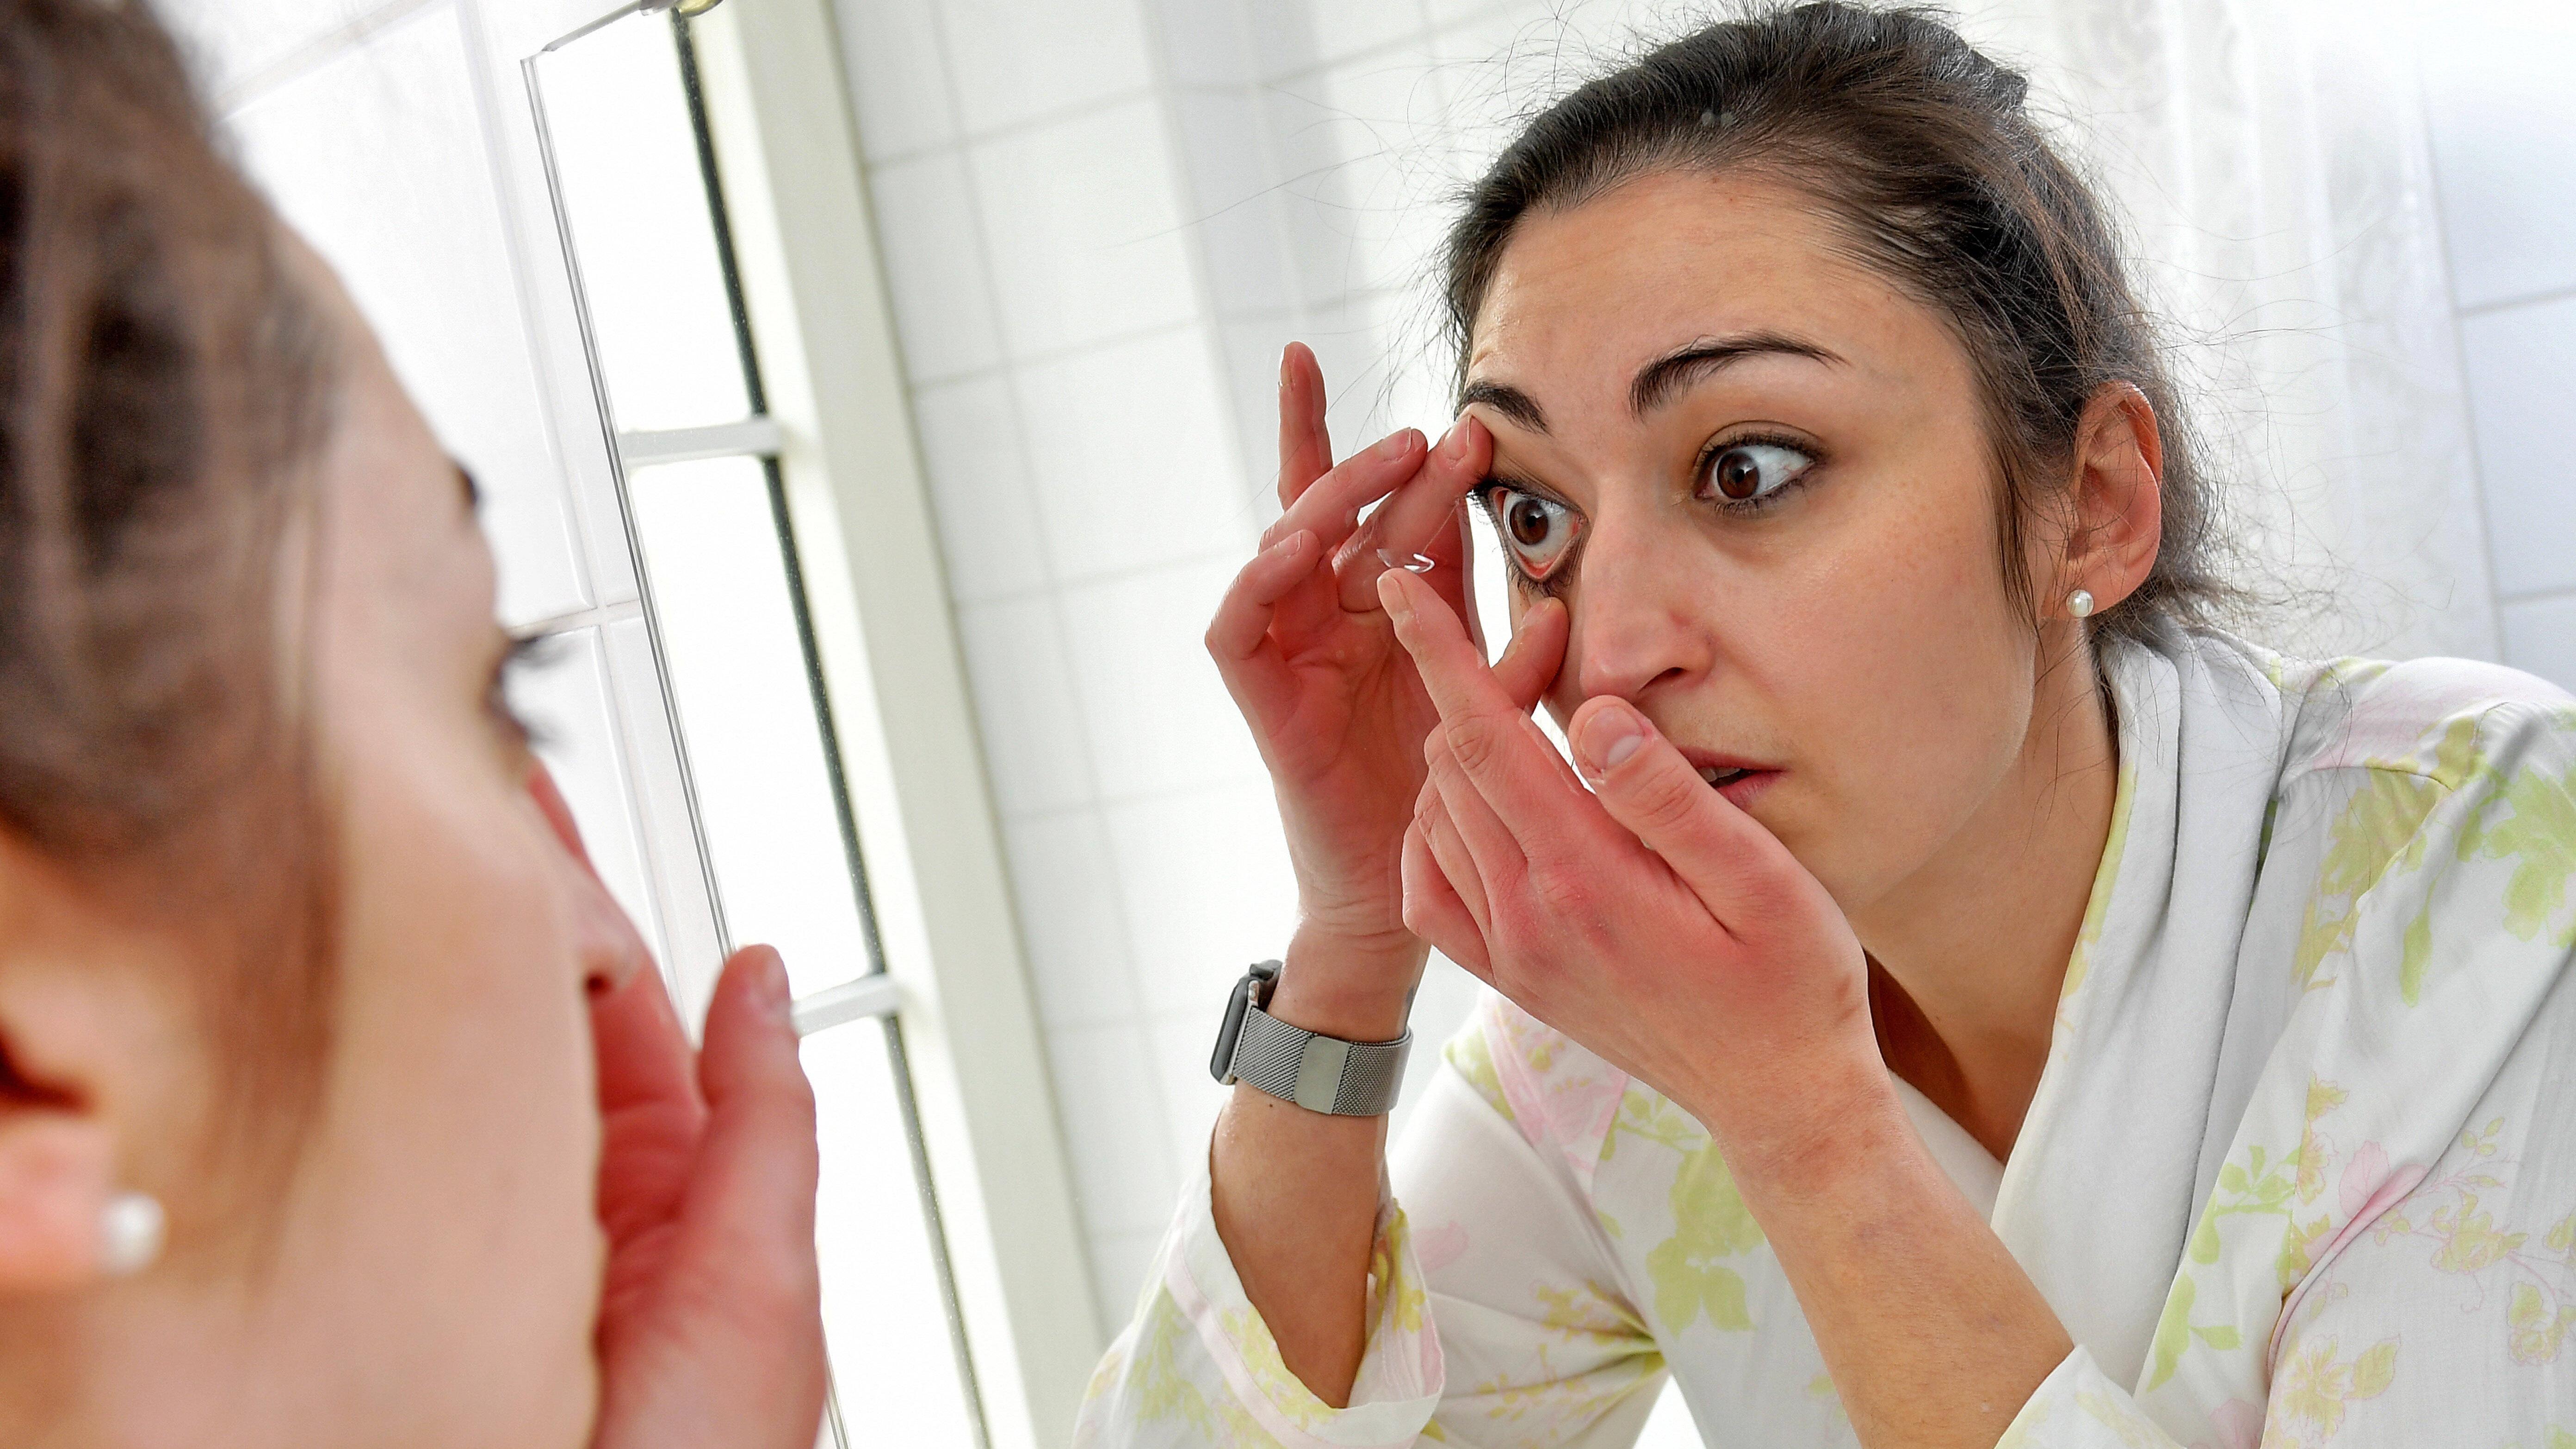 Nehmen Sie sich Zeit, um Ihre Kontaktlinsen herauszunehmen.